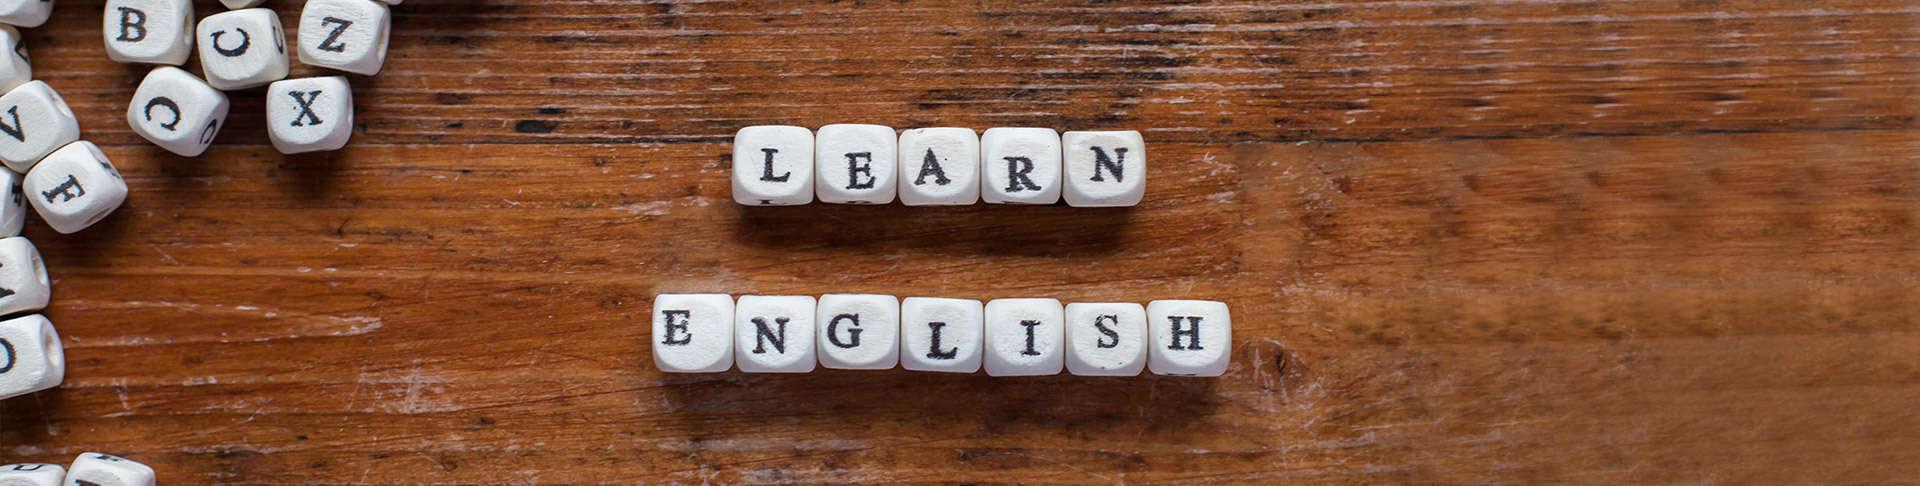 אנגלית למתחילים